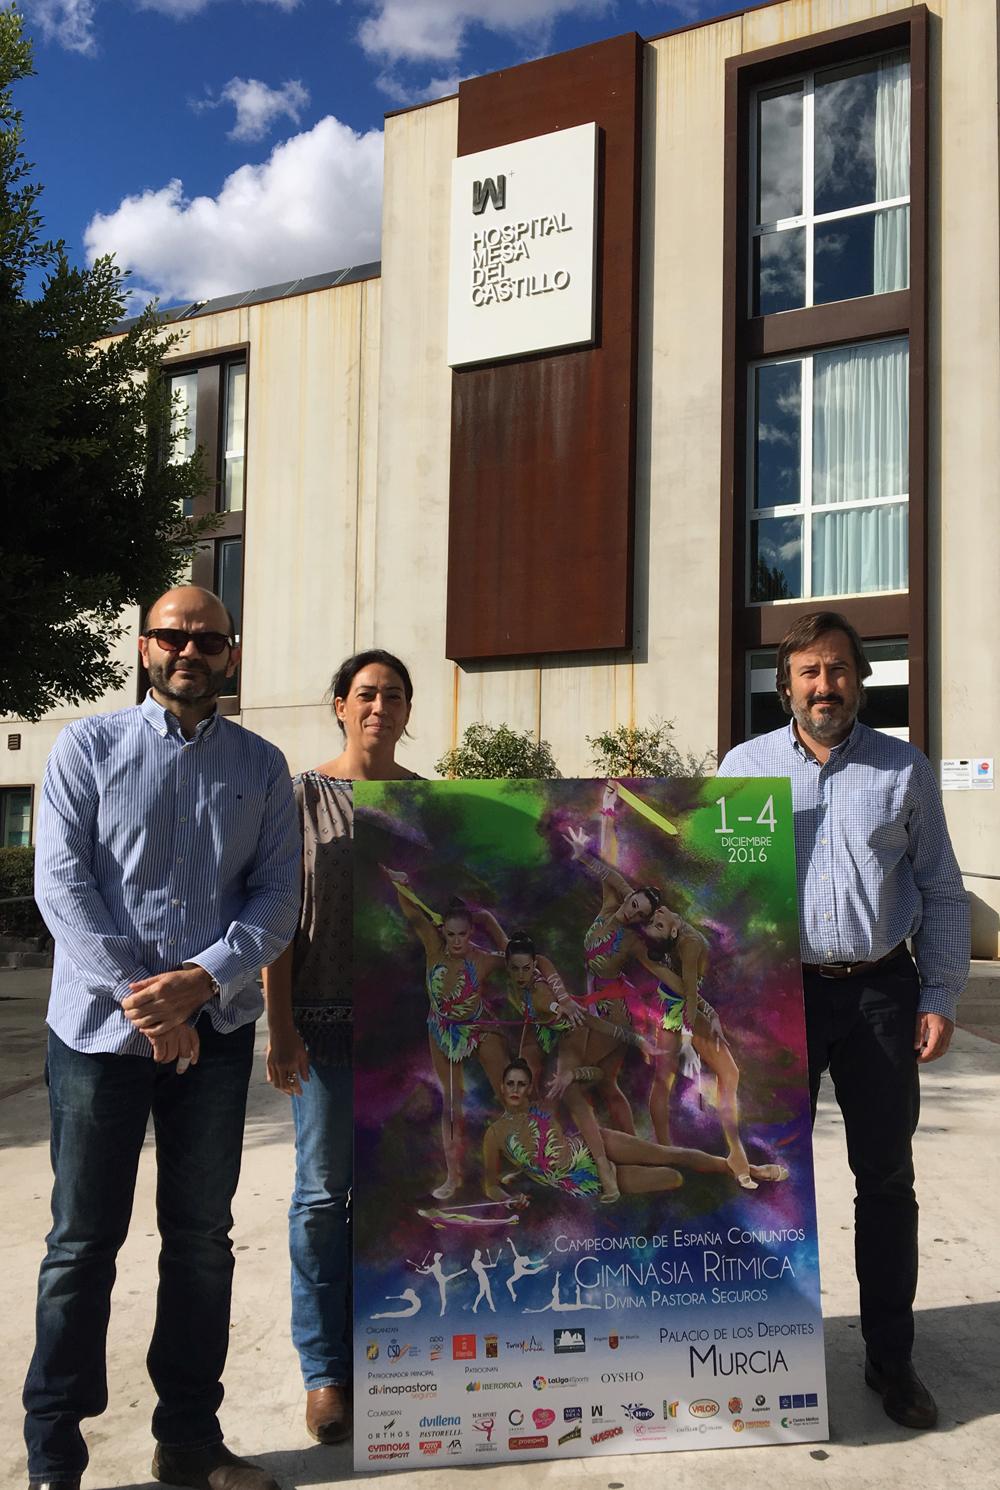 Somos hospital de referencia para el Campeonato de España de Gimnasia Rítmica